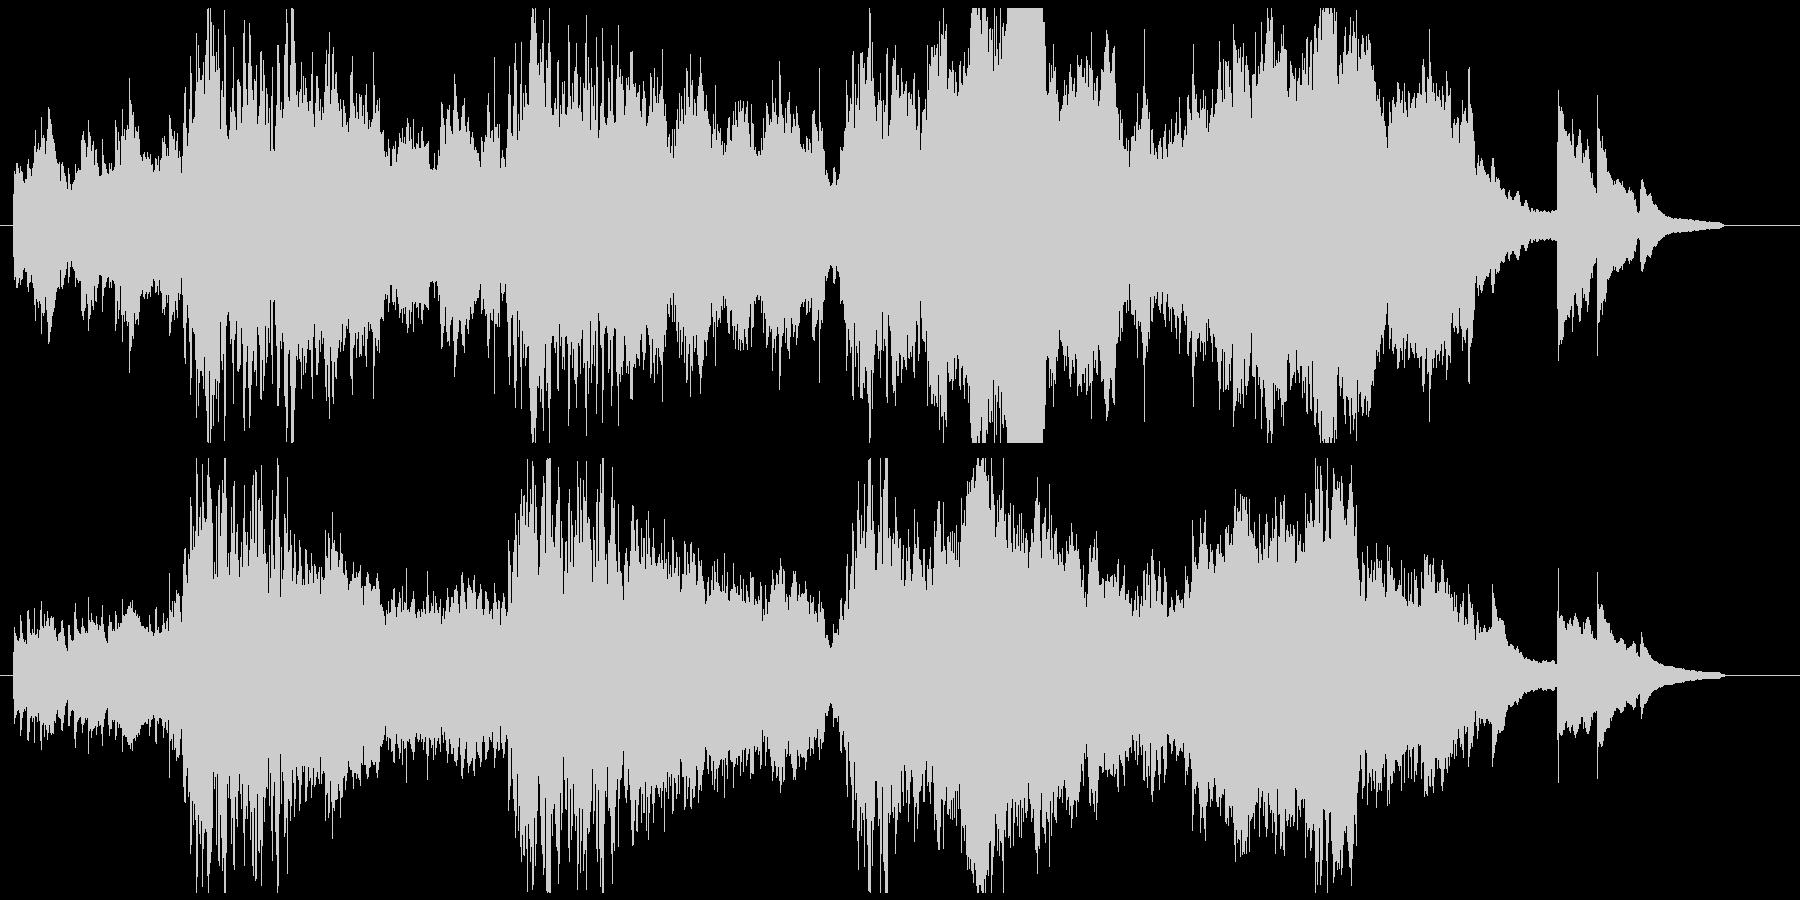 室内楽 あたたかい 幸せ ピアノ ...の未再生の波形